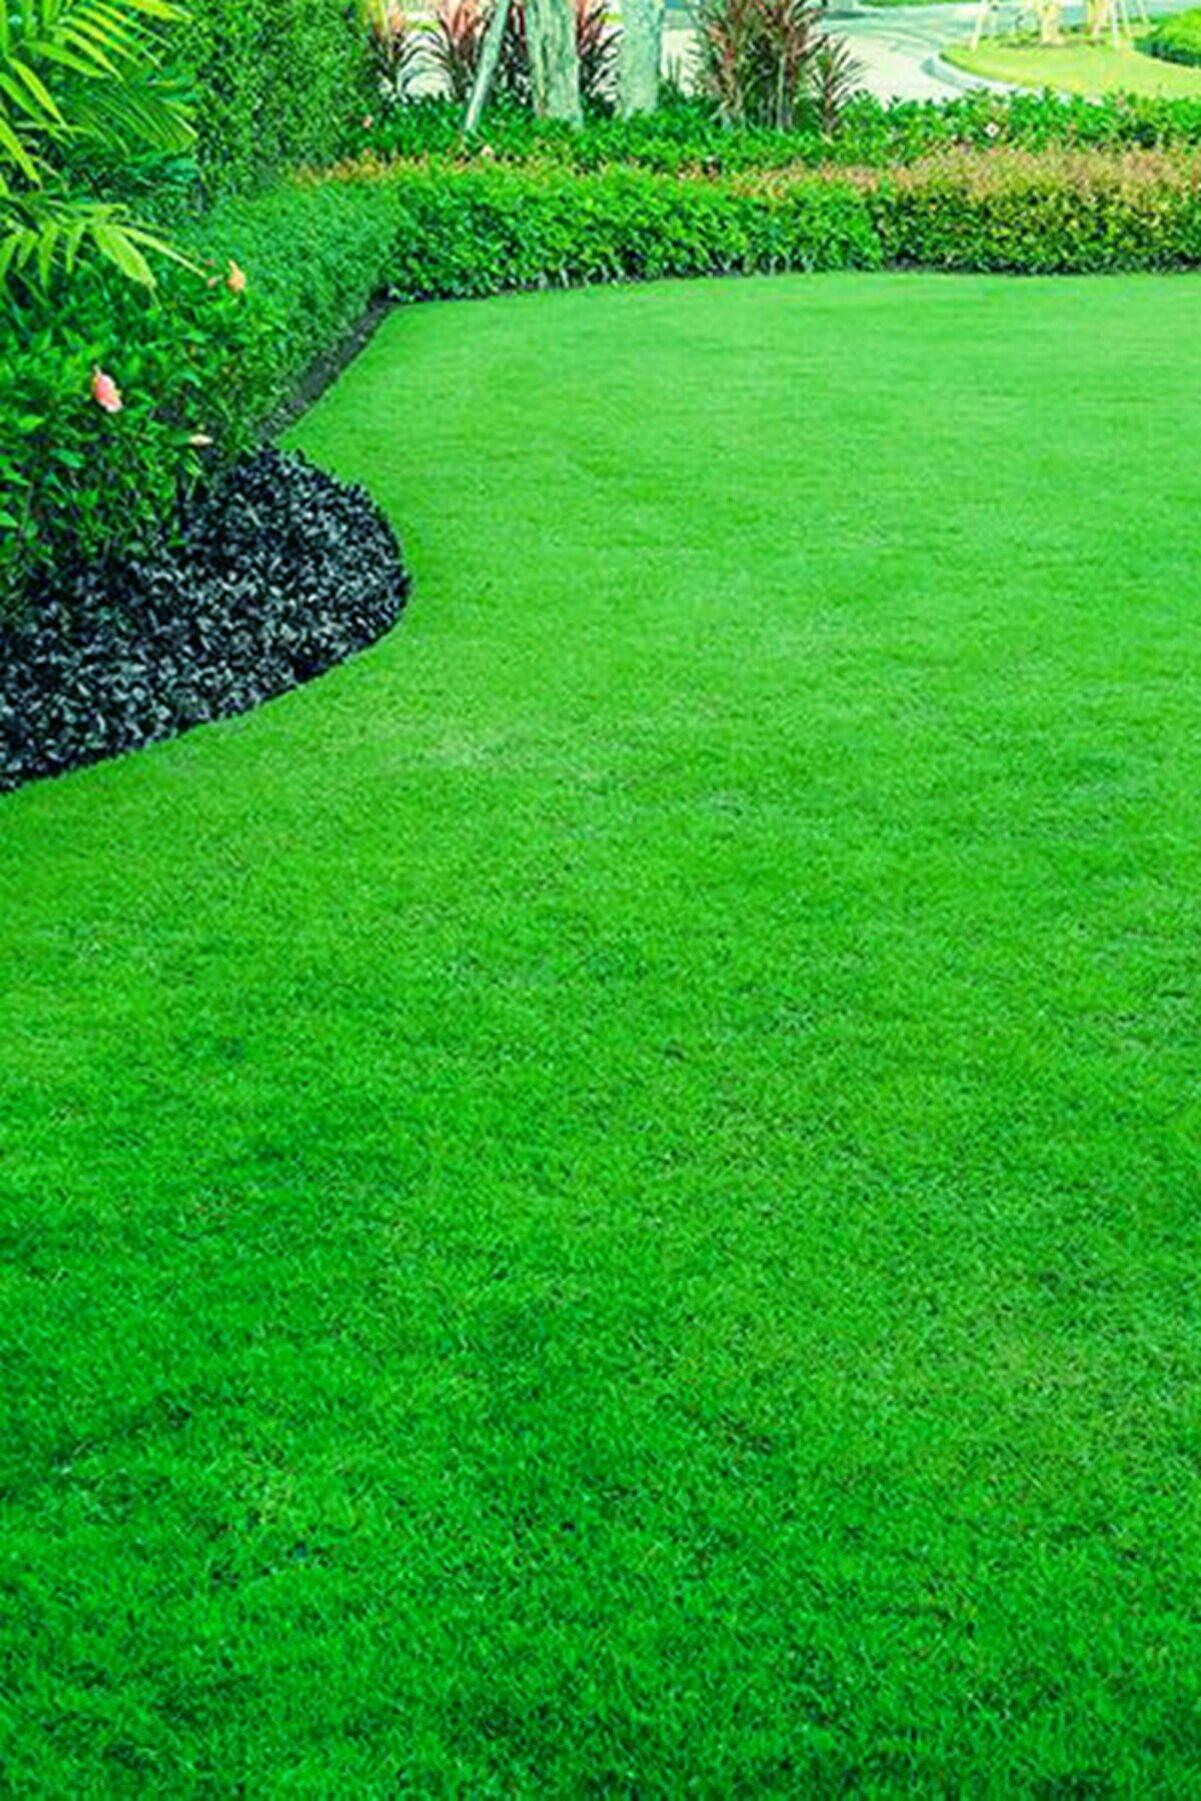 AGROERA Ithal Çim Tohumu Özel 6 Lı Karışım Basmaya Dayanıklı 7 Günde Çimlenir 1 Kg